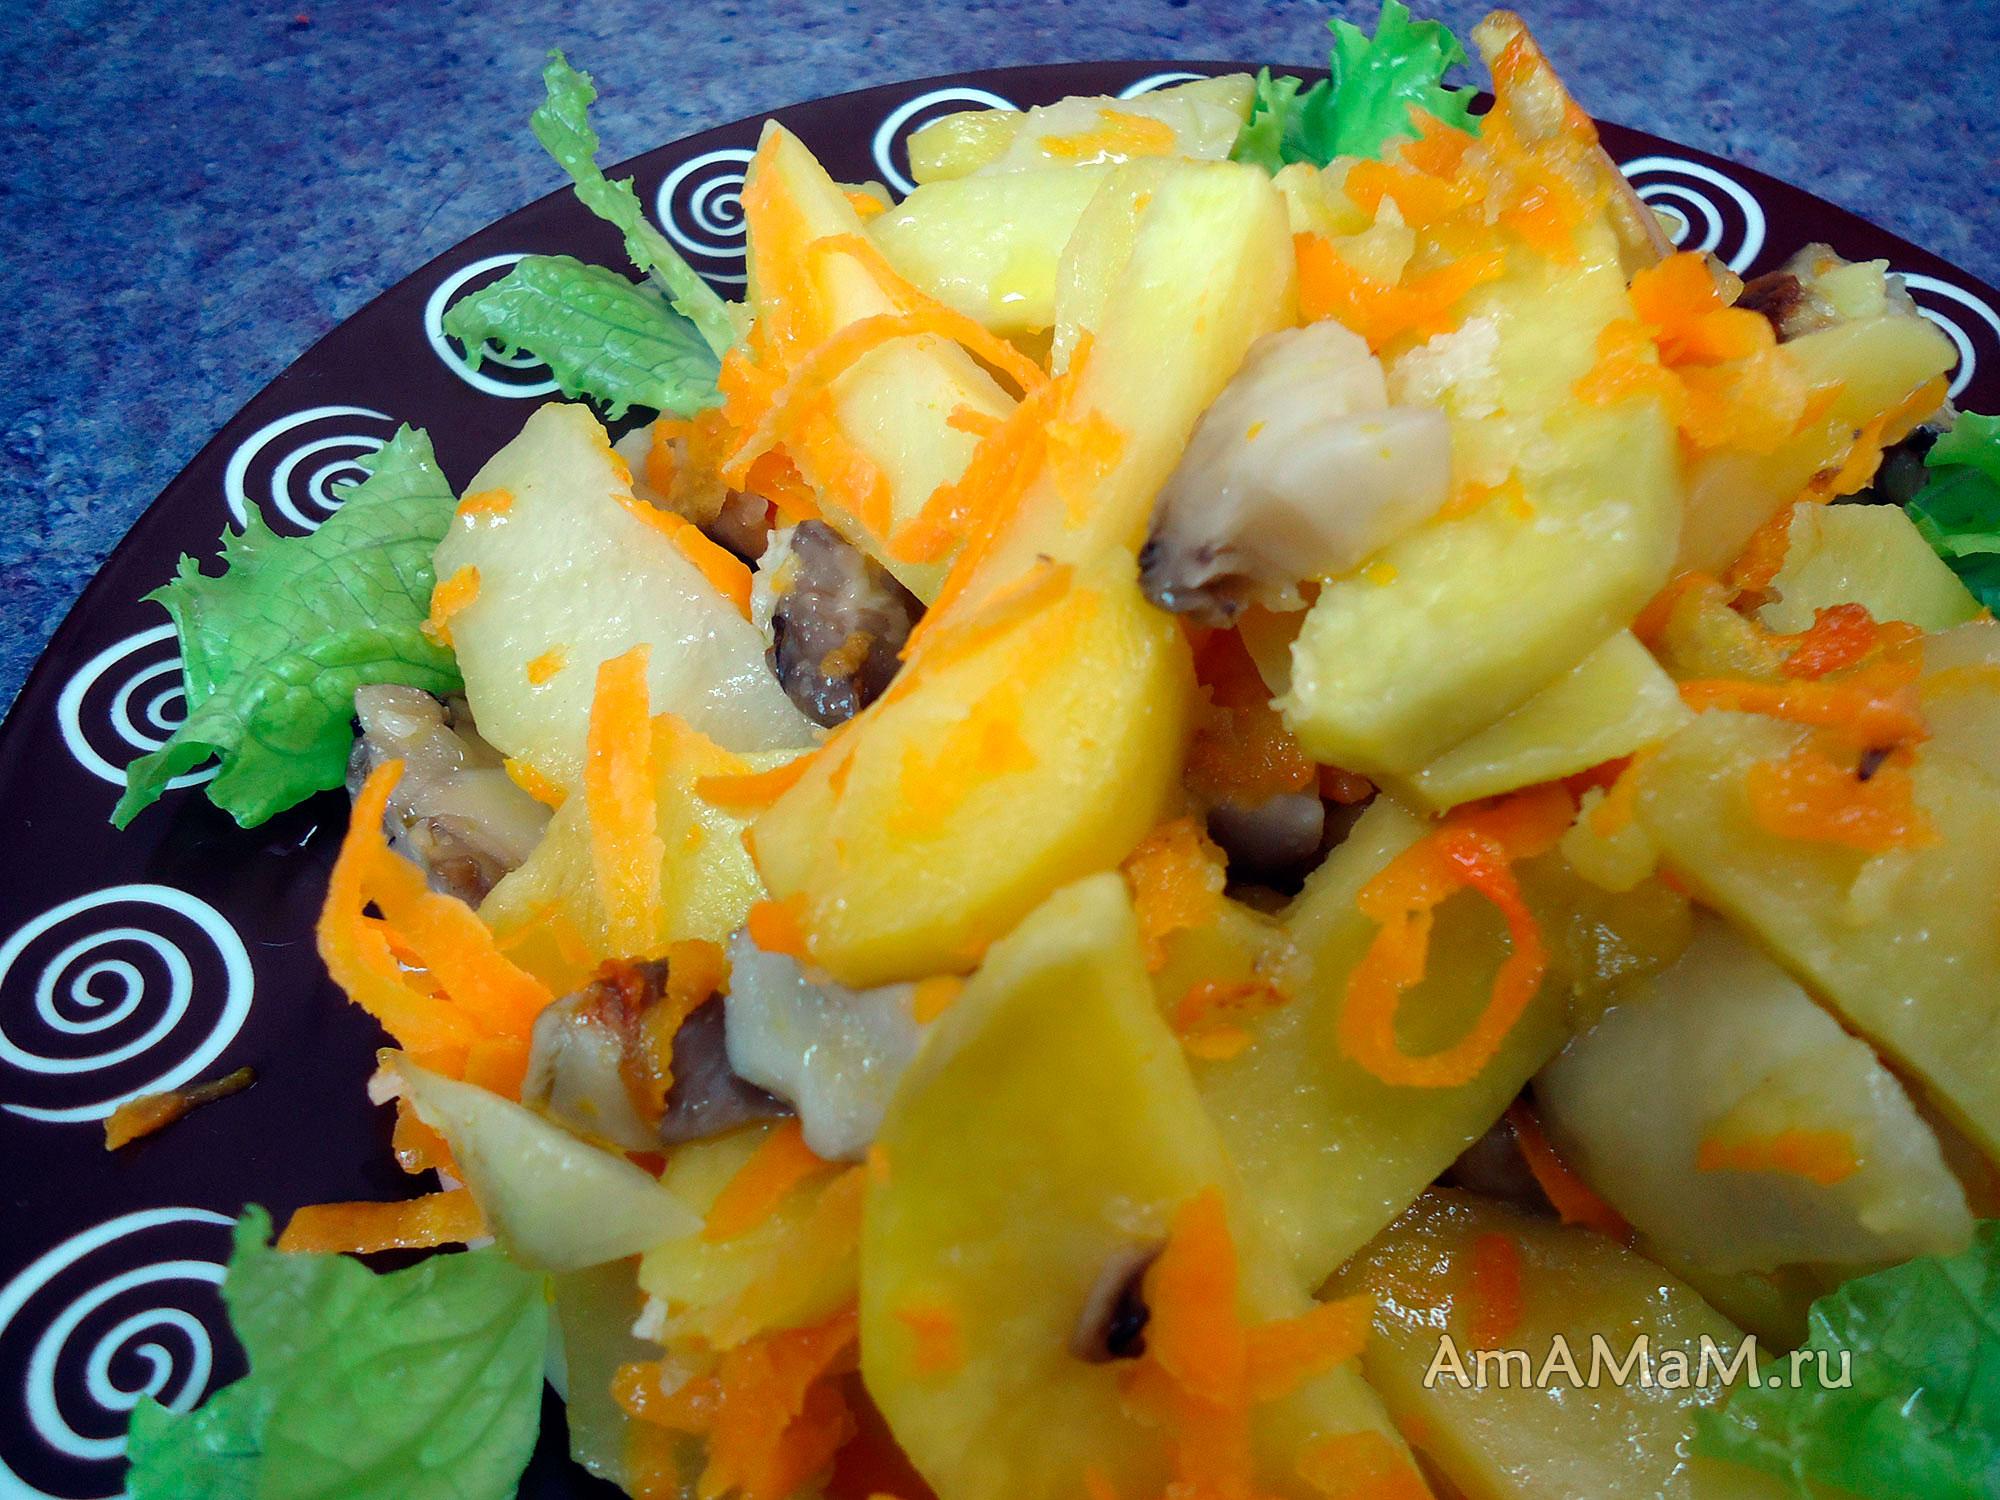 Простой рецепт жареной картошки